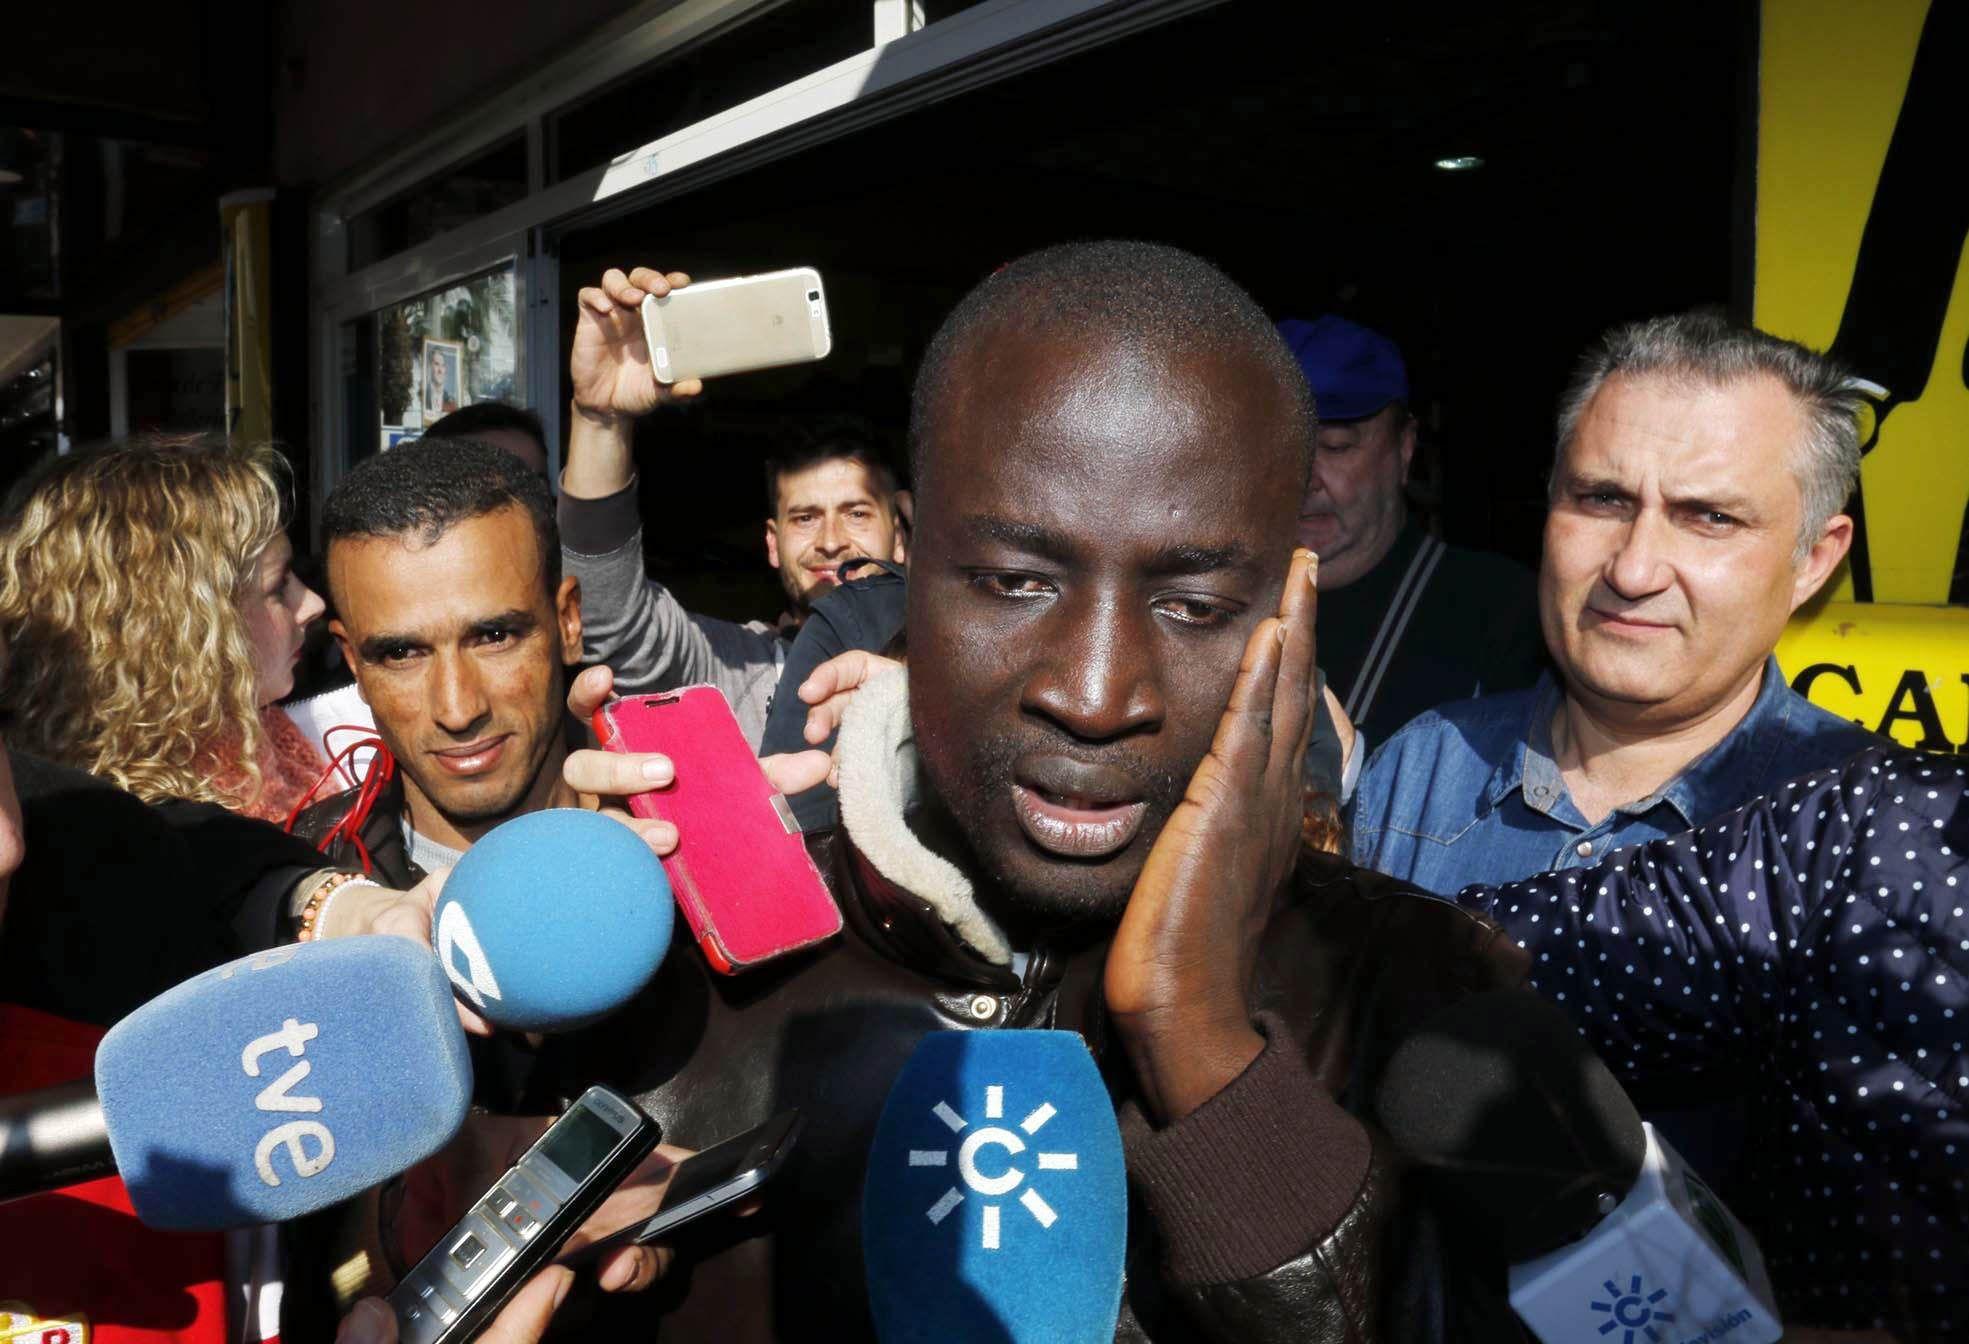 Un refugiado senegalés ganó 400 mil euros en la lotería de España